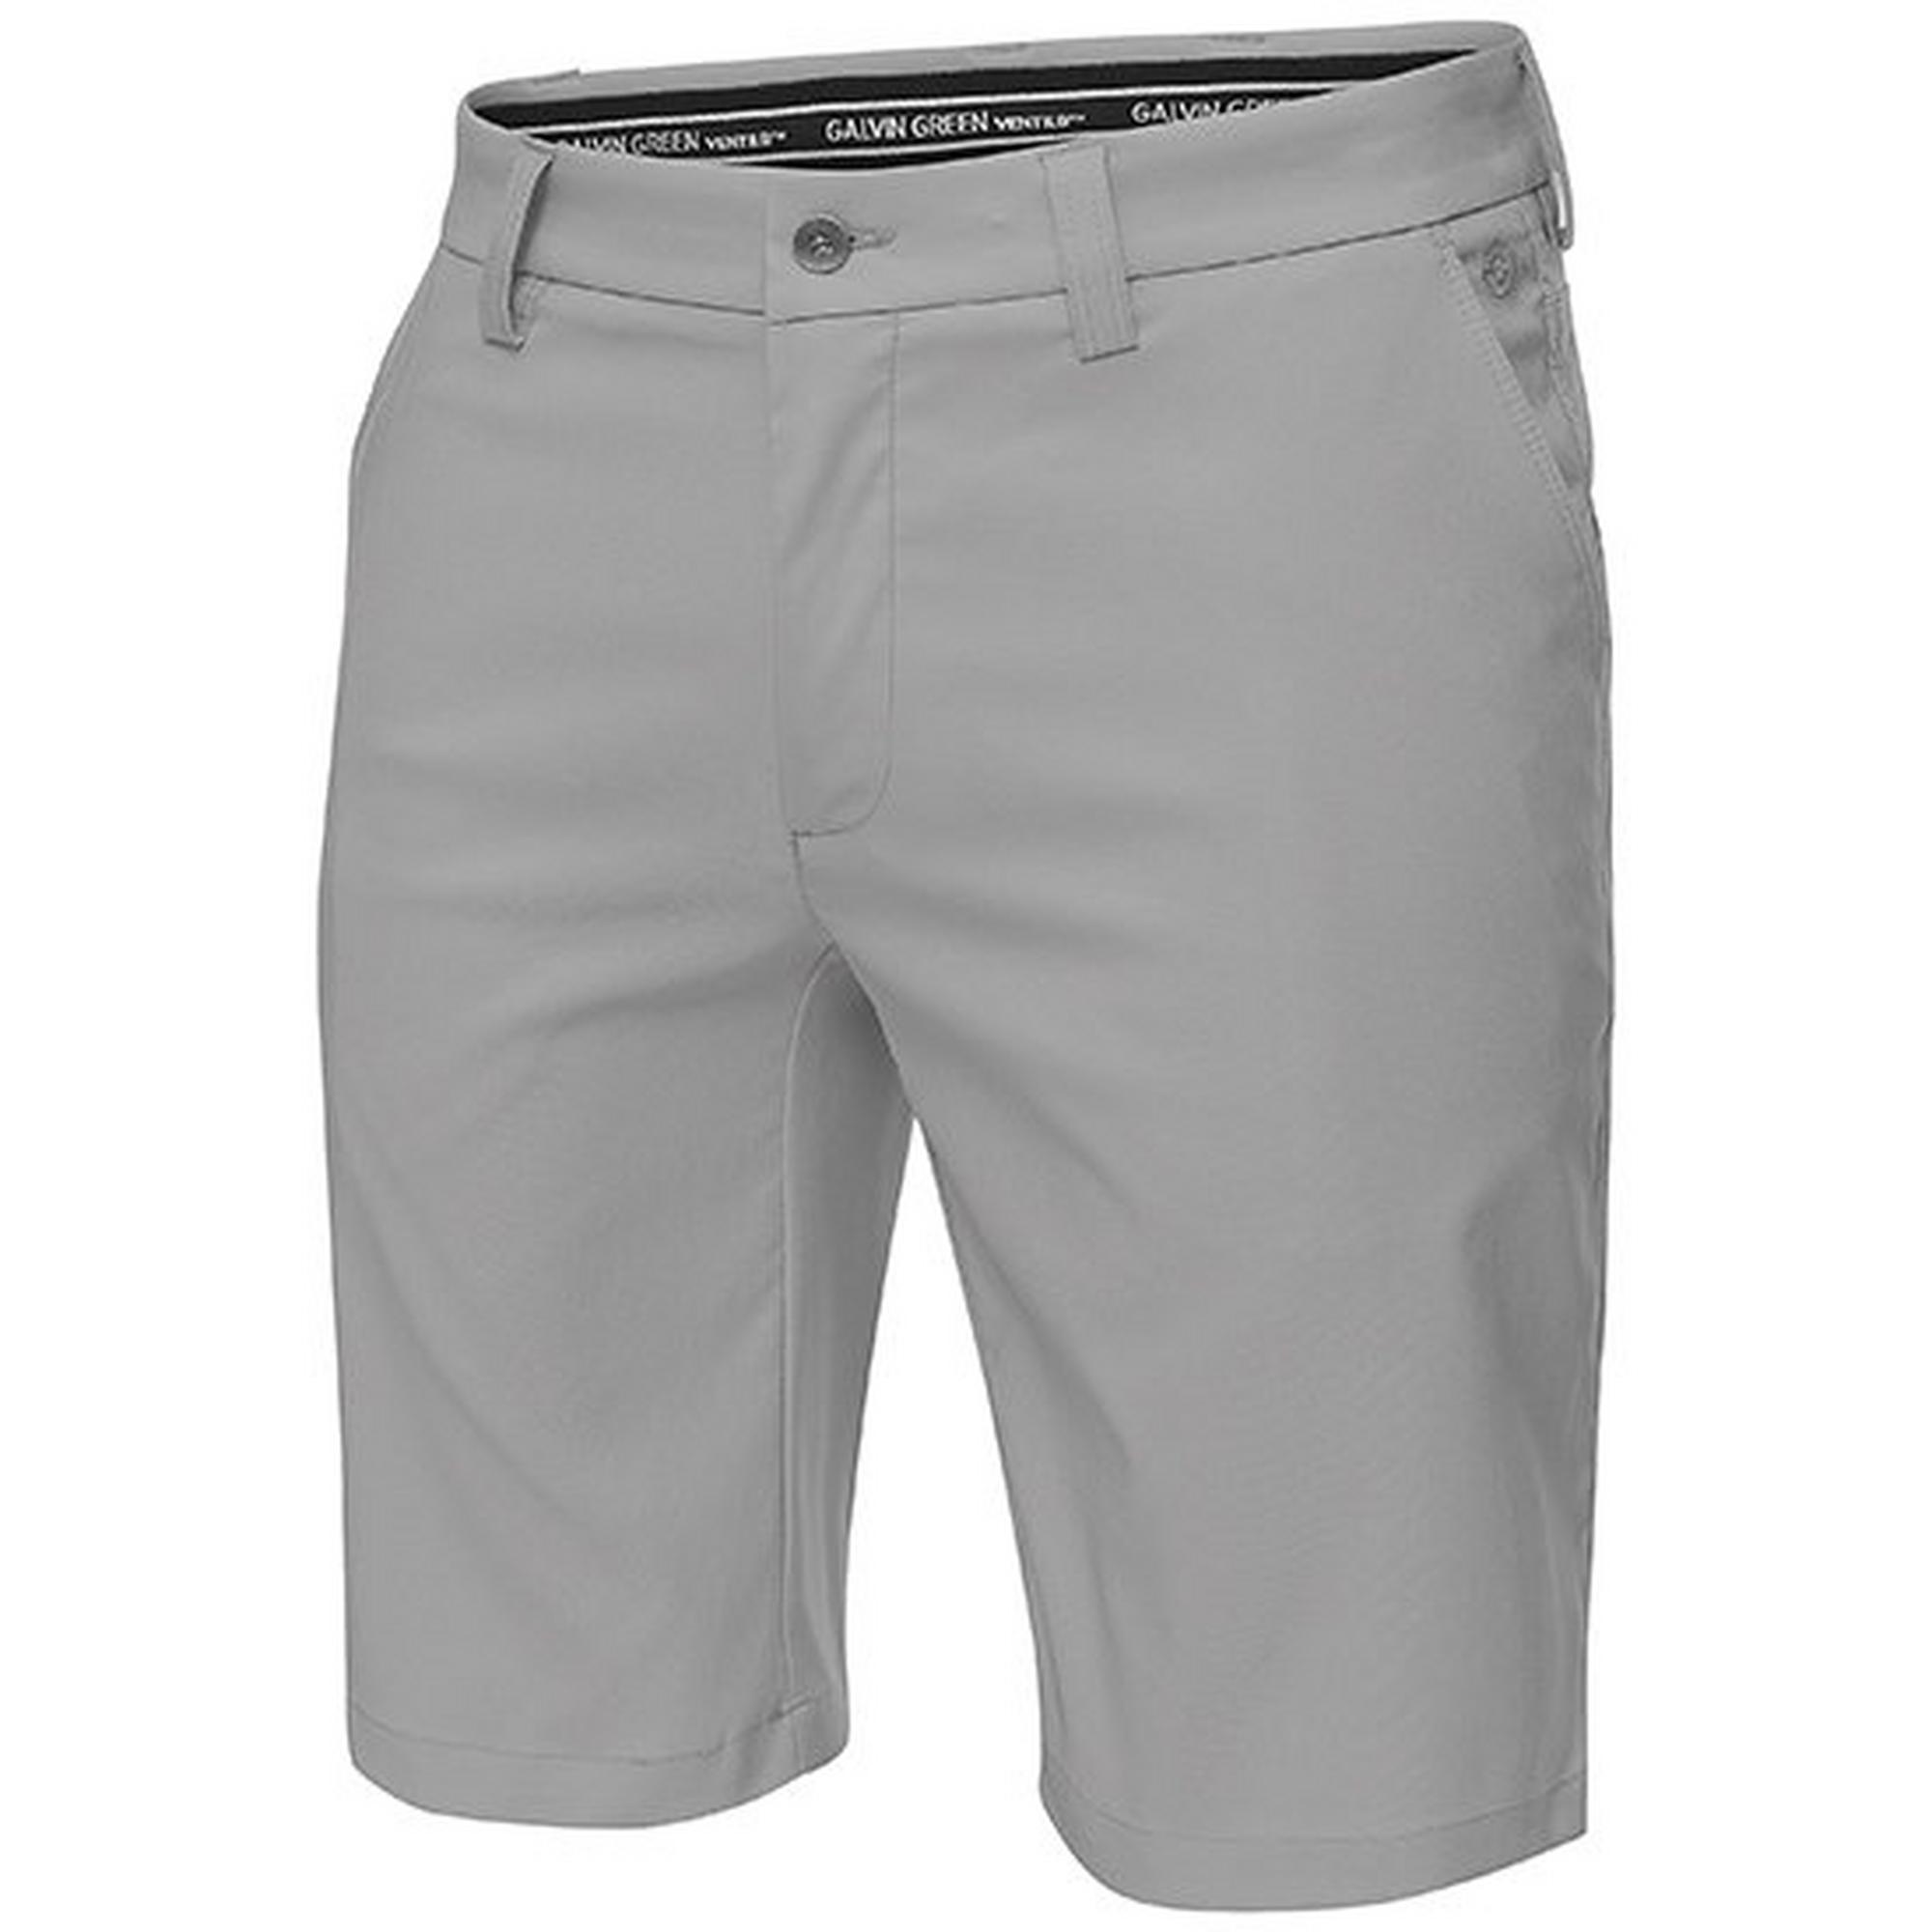 Men's Paolo VENTIL8 PLUS Shorts